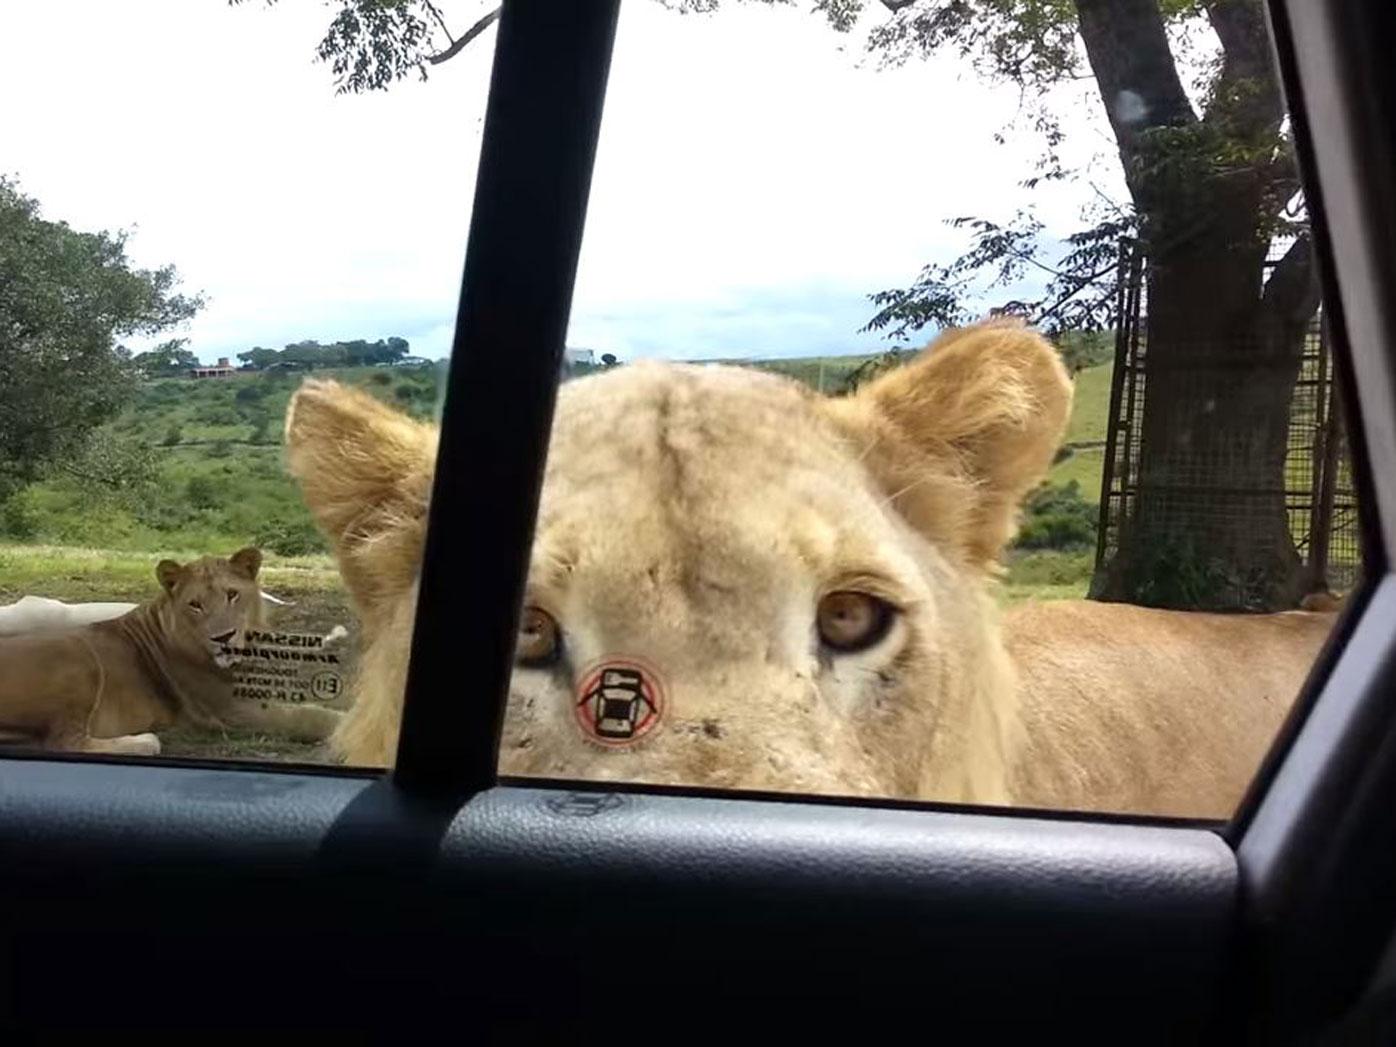 A lioness opens a car door